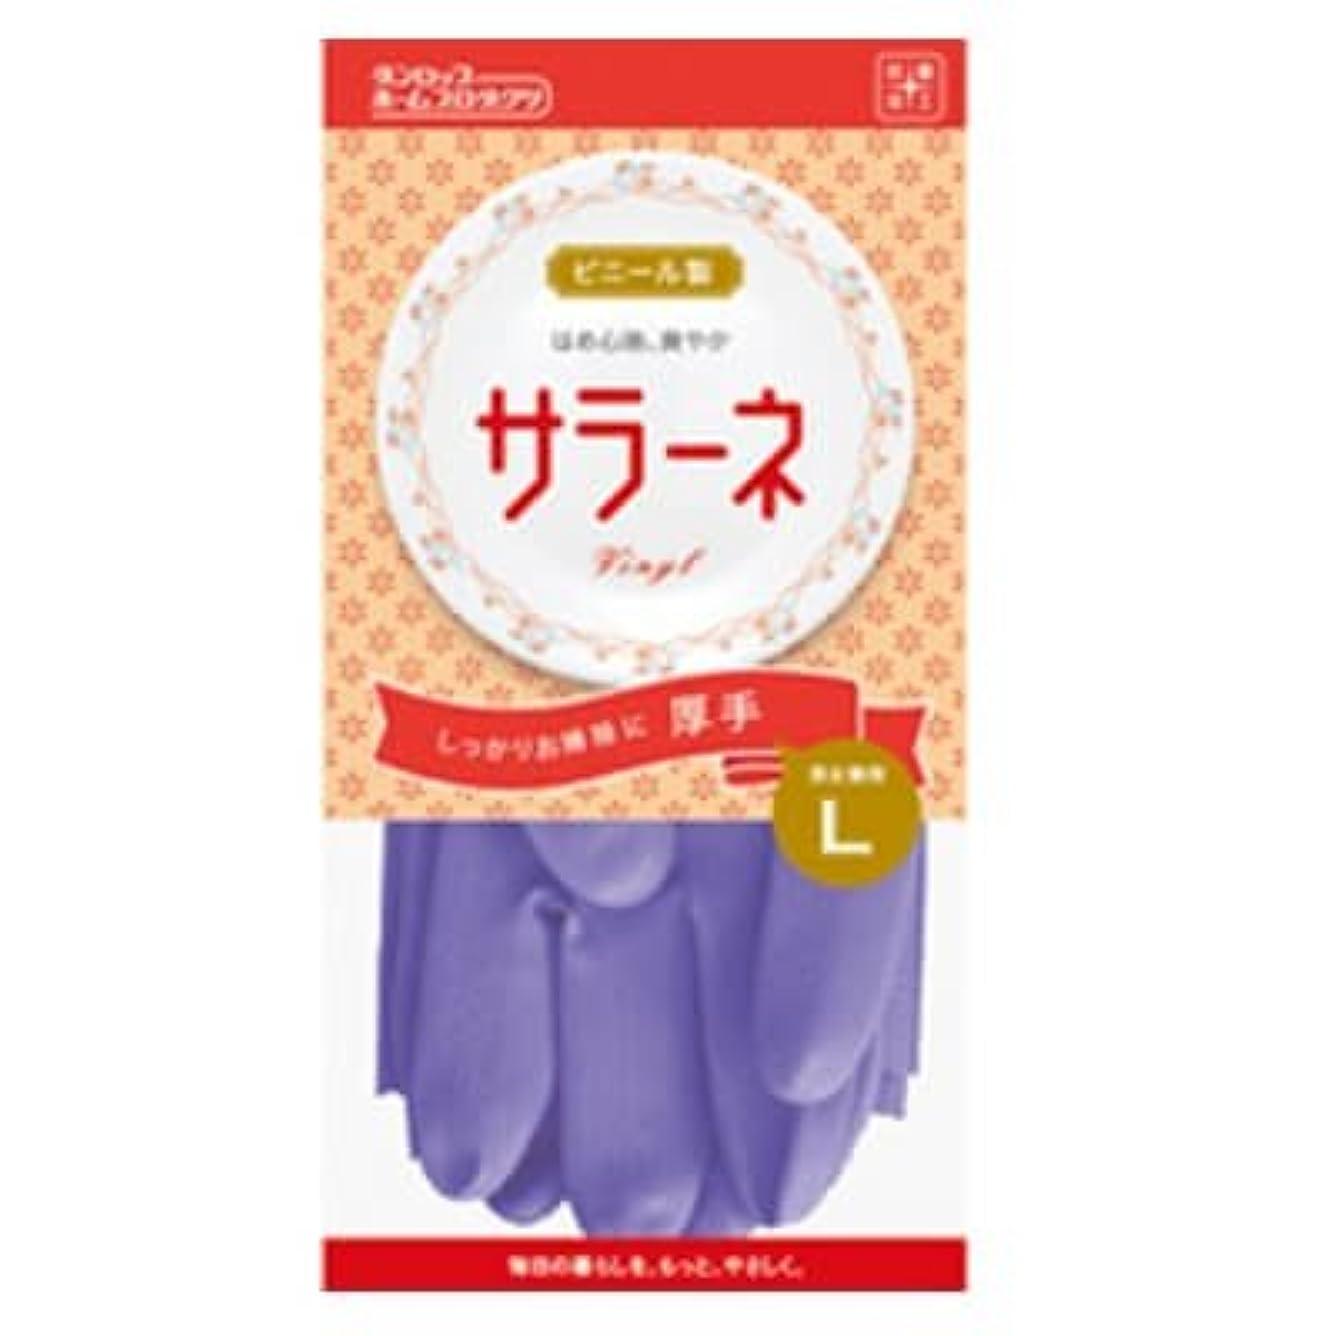 飢え広告暫定【ケース販売】 ダンロップ サラーネ 厚手 L バイオレット (10双×12袋)